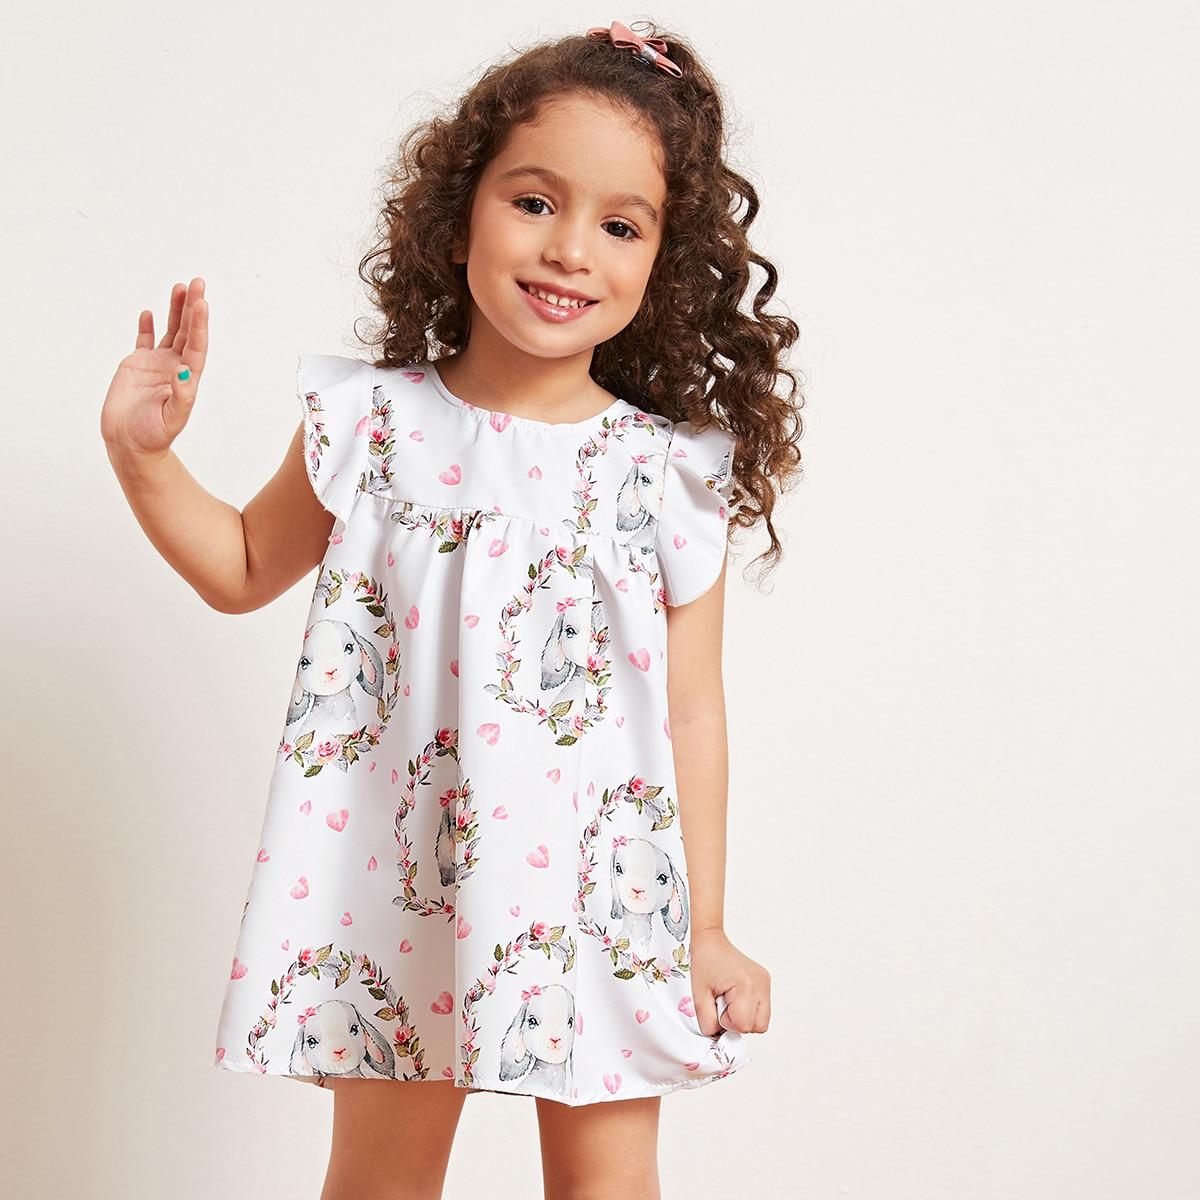 SHEIN / Toddler Girls Rabbit & Floral Print Smock Dress